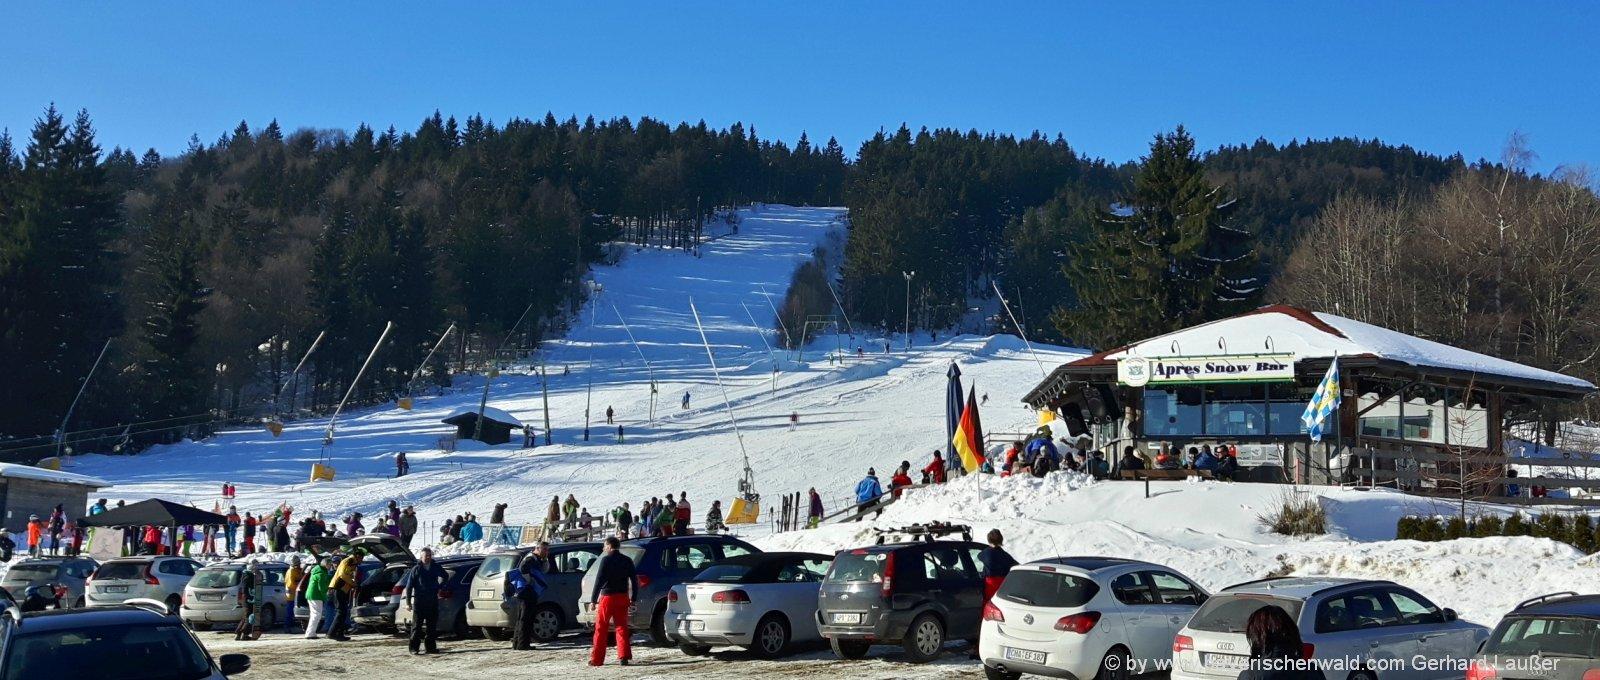 Skiurlaub am Eck Riedelstein Skifahren im Bayerischen Wald